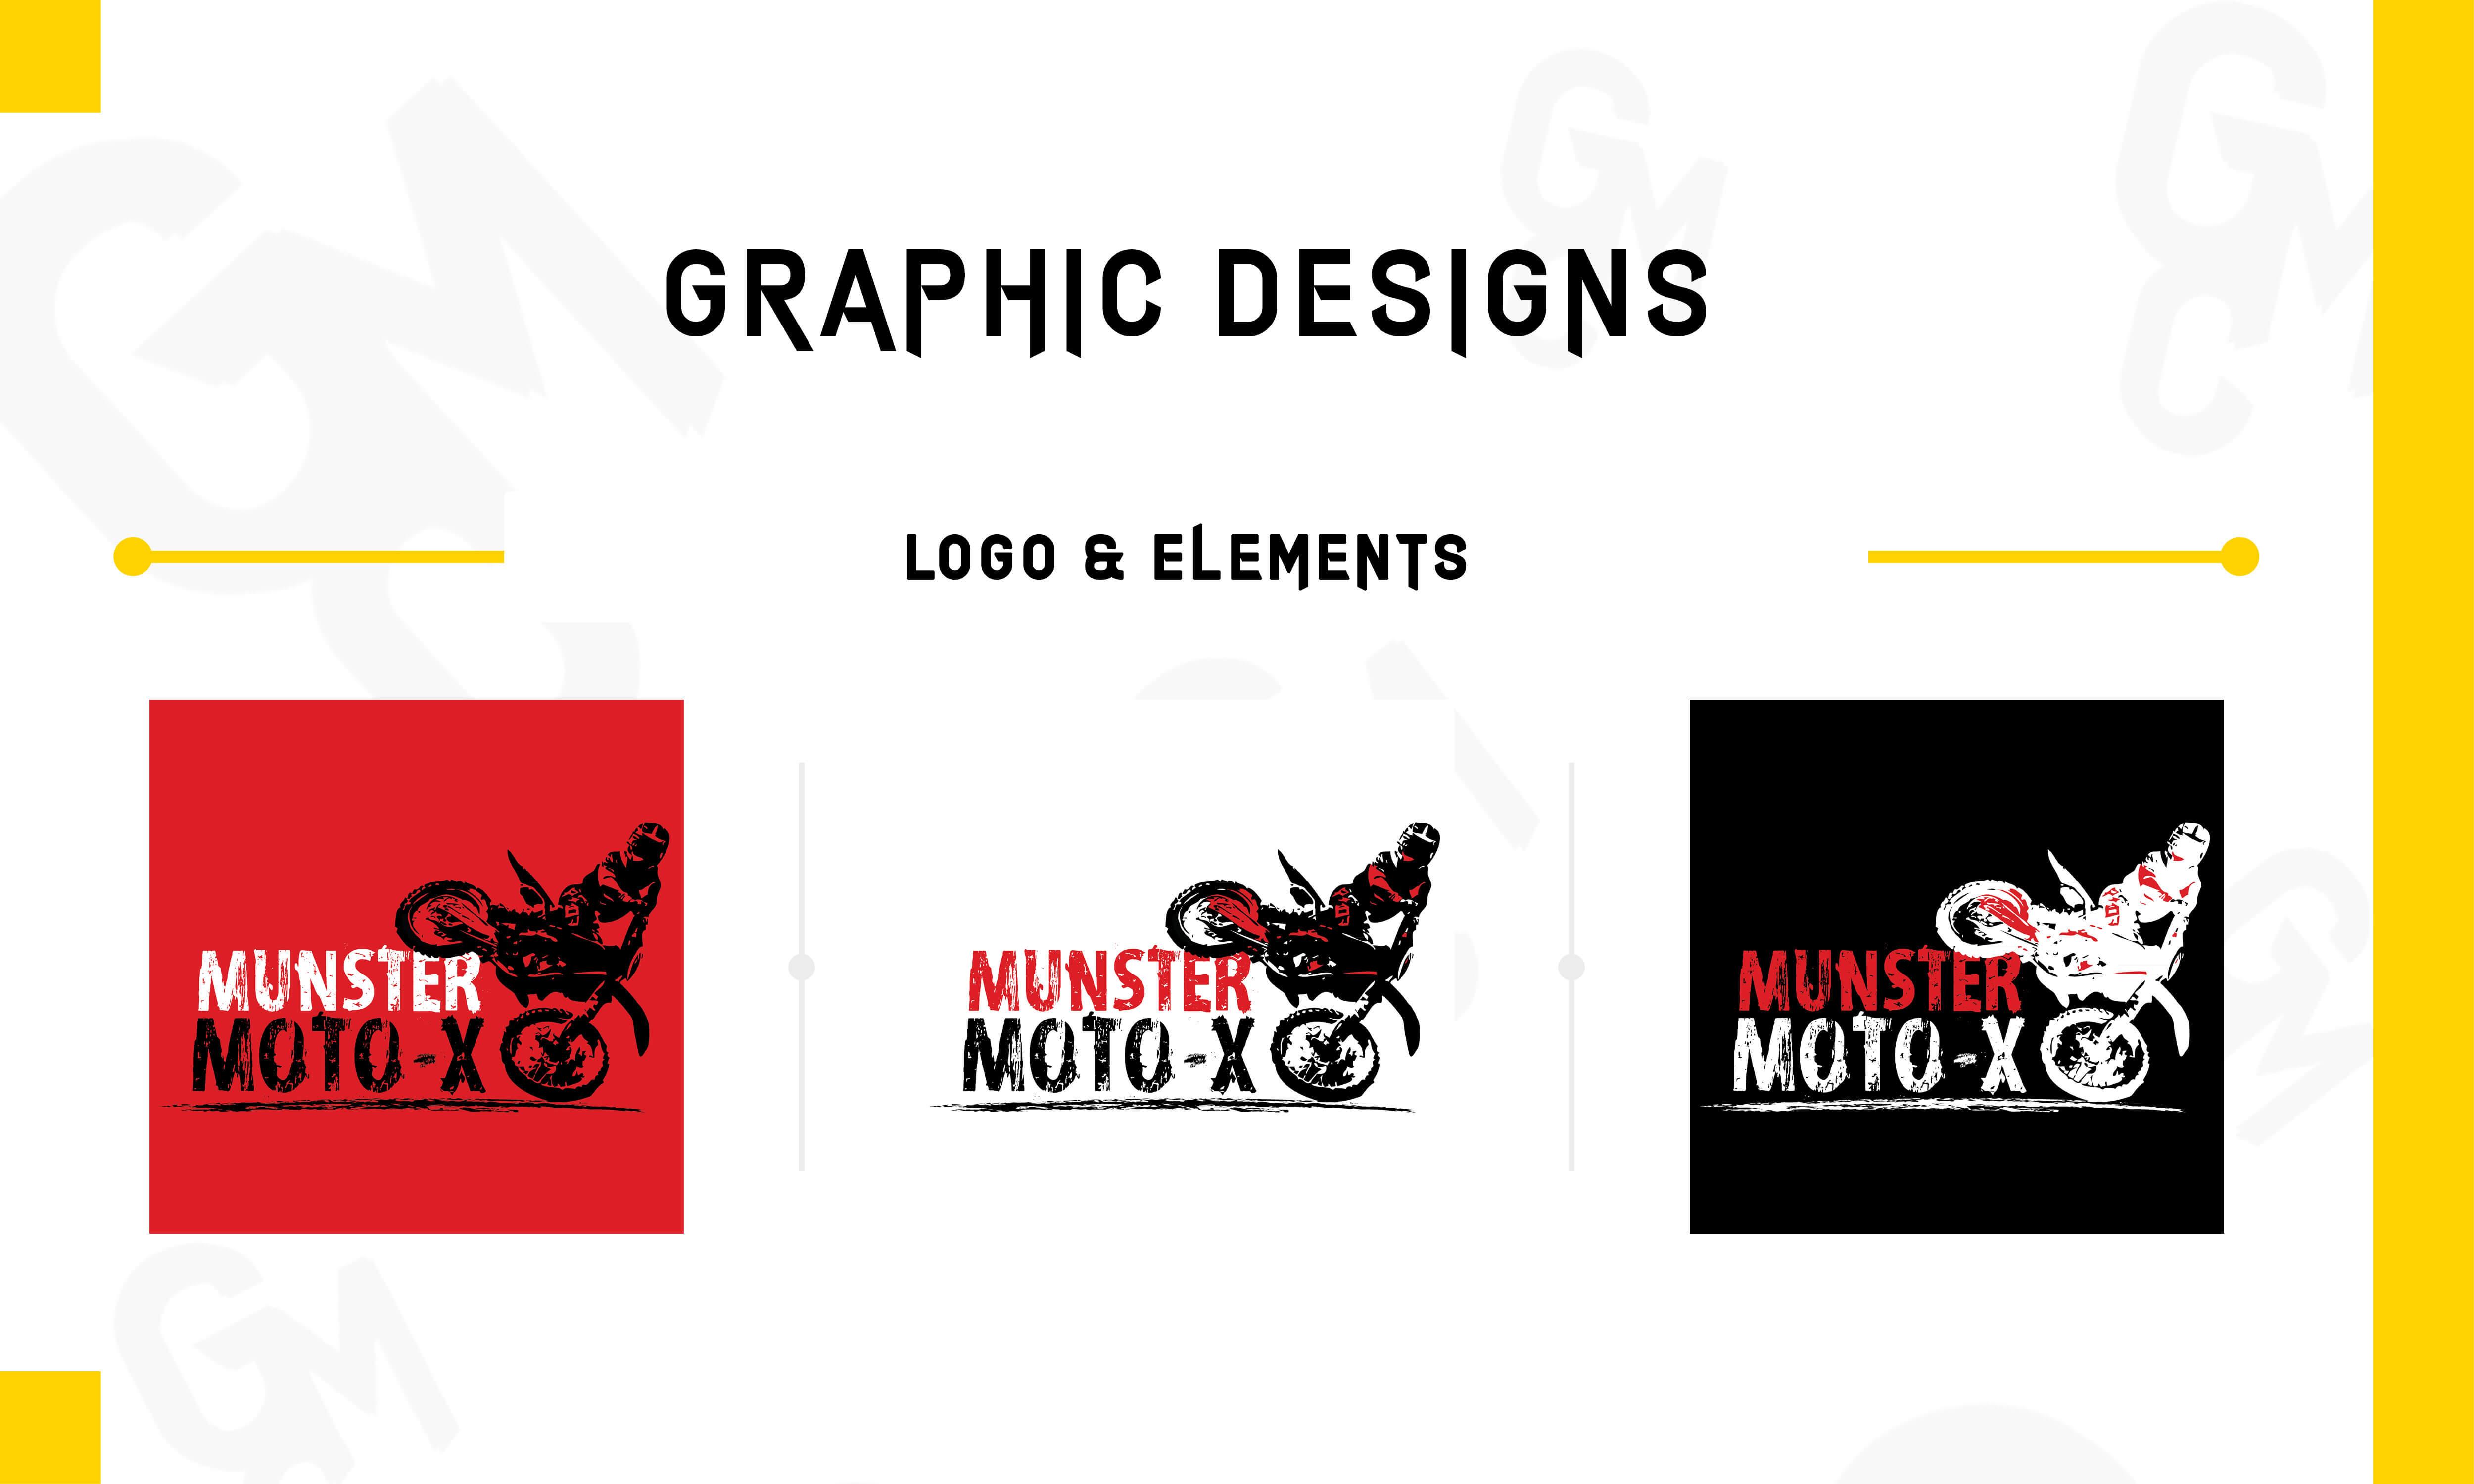 Munster Moto-X Portfolio (Graphic Design)